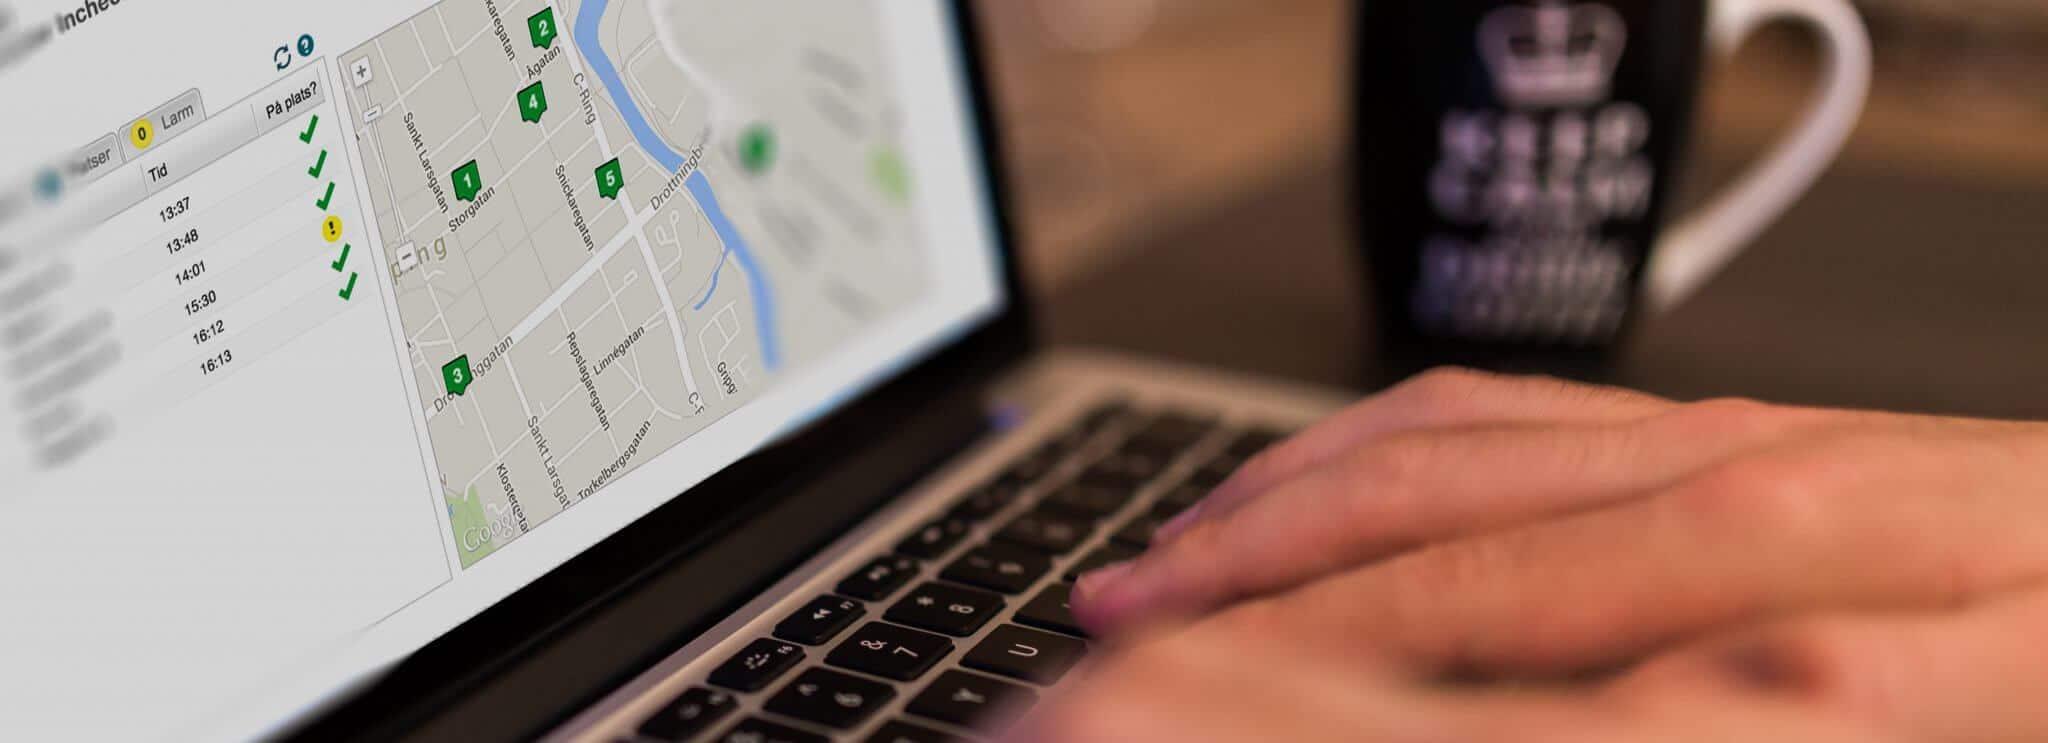 admisterara digitala stämpelklocka från kontoret